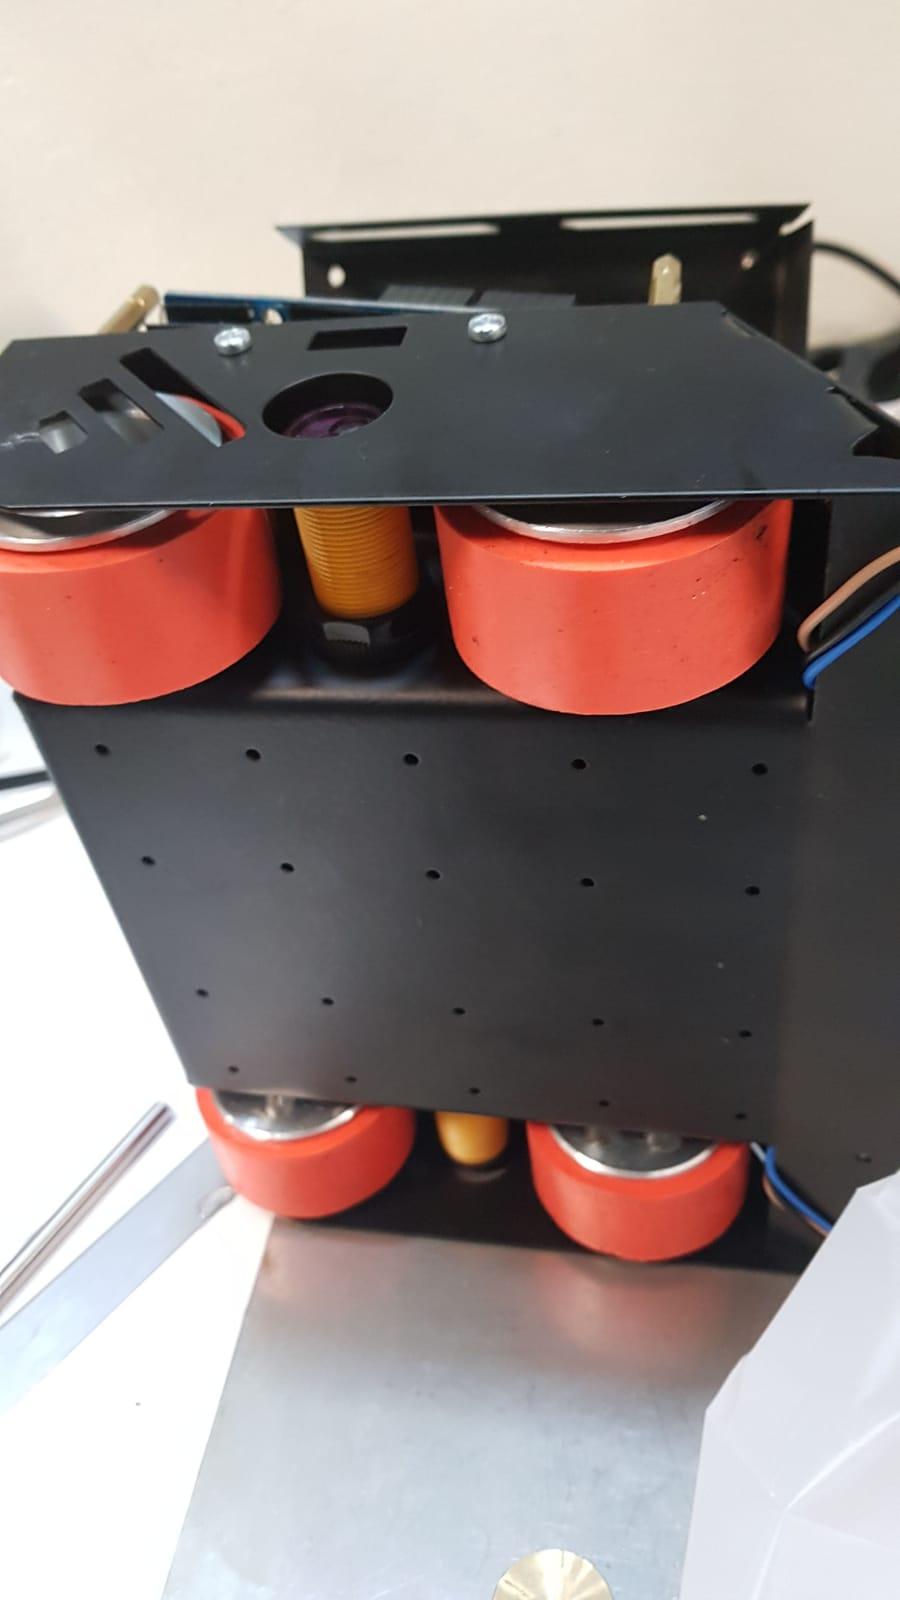 JS5230 Aluminum - Silicone Wheel Set (52 x 30mm - Pair)